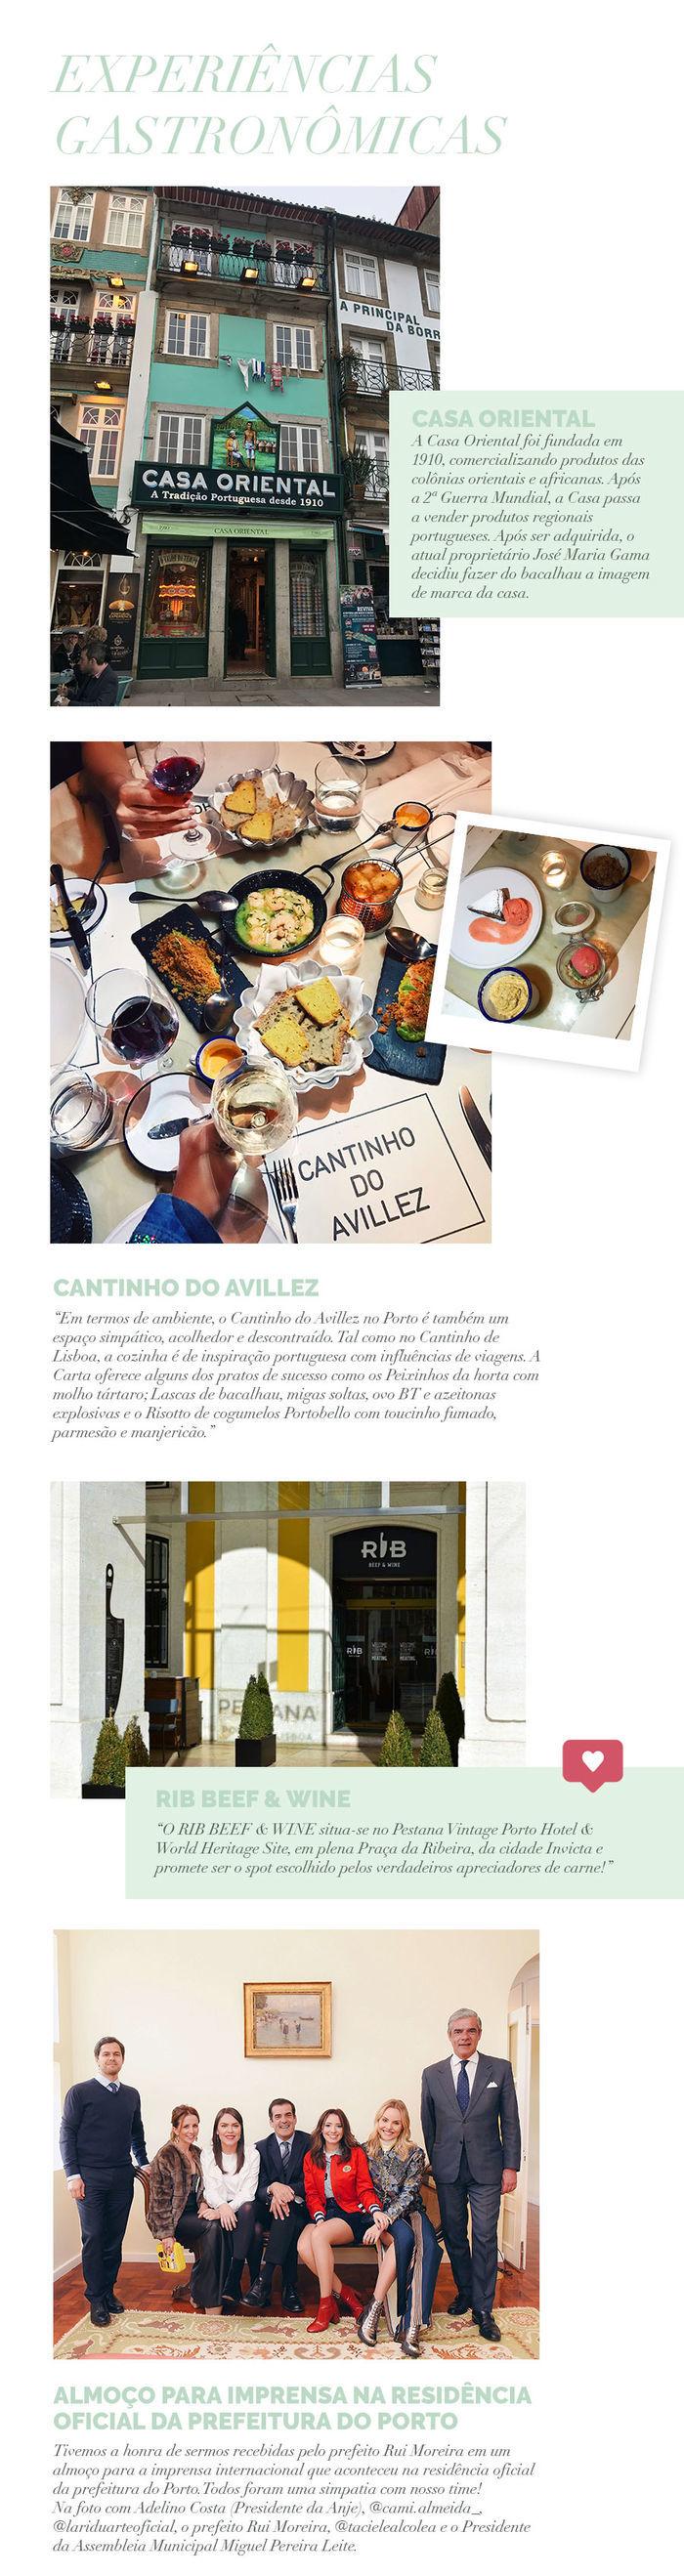 Layla Monteiro em Portugal Porto Cantinho do Avillez Rib Beef and Wine Casa Oriental de Bacalhau almoço na prefeitura de Porto para imprensa